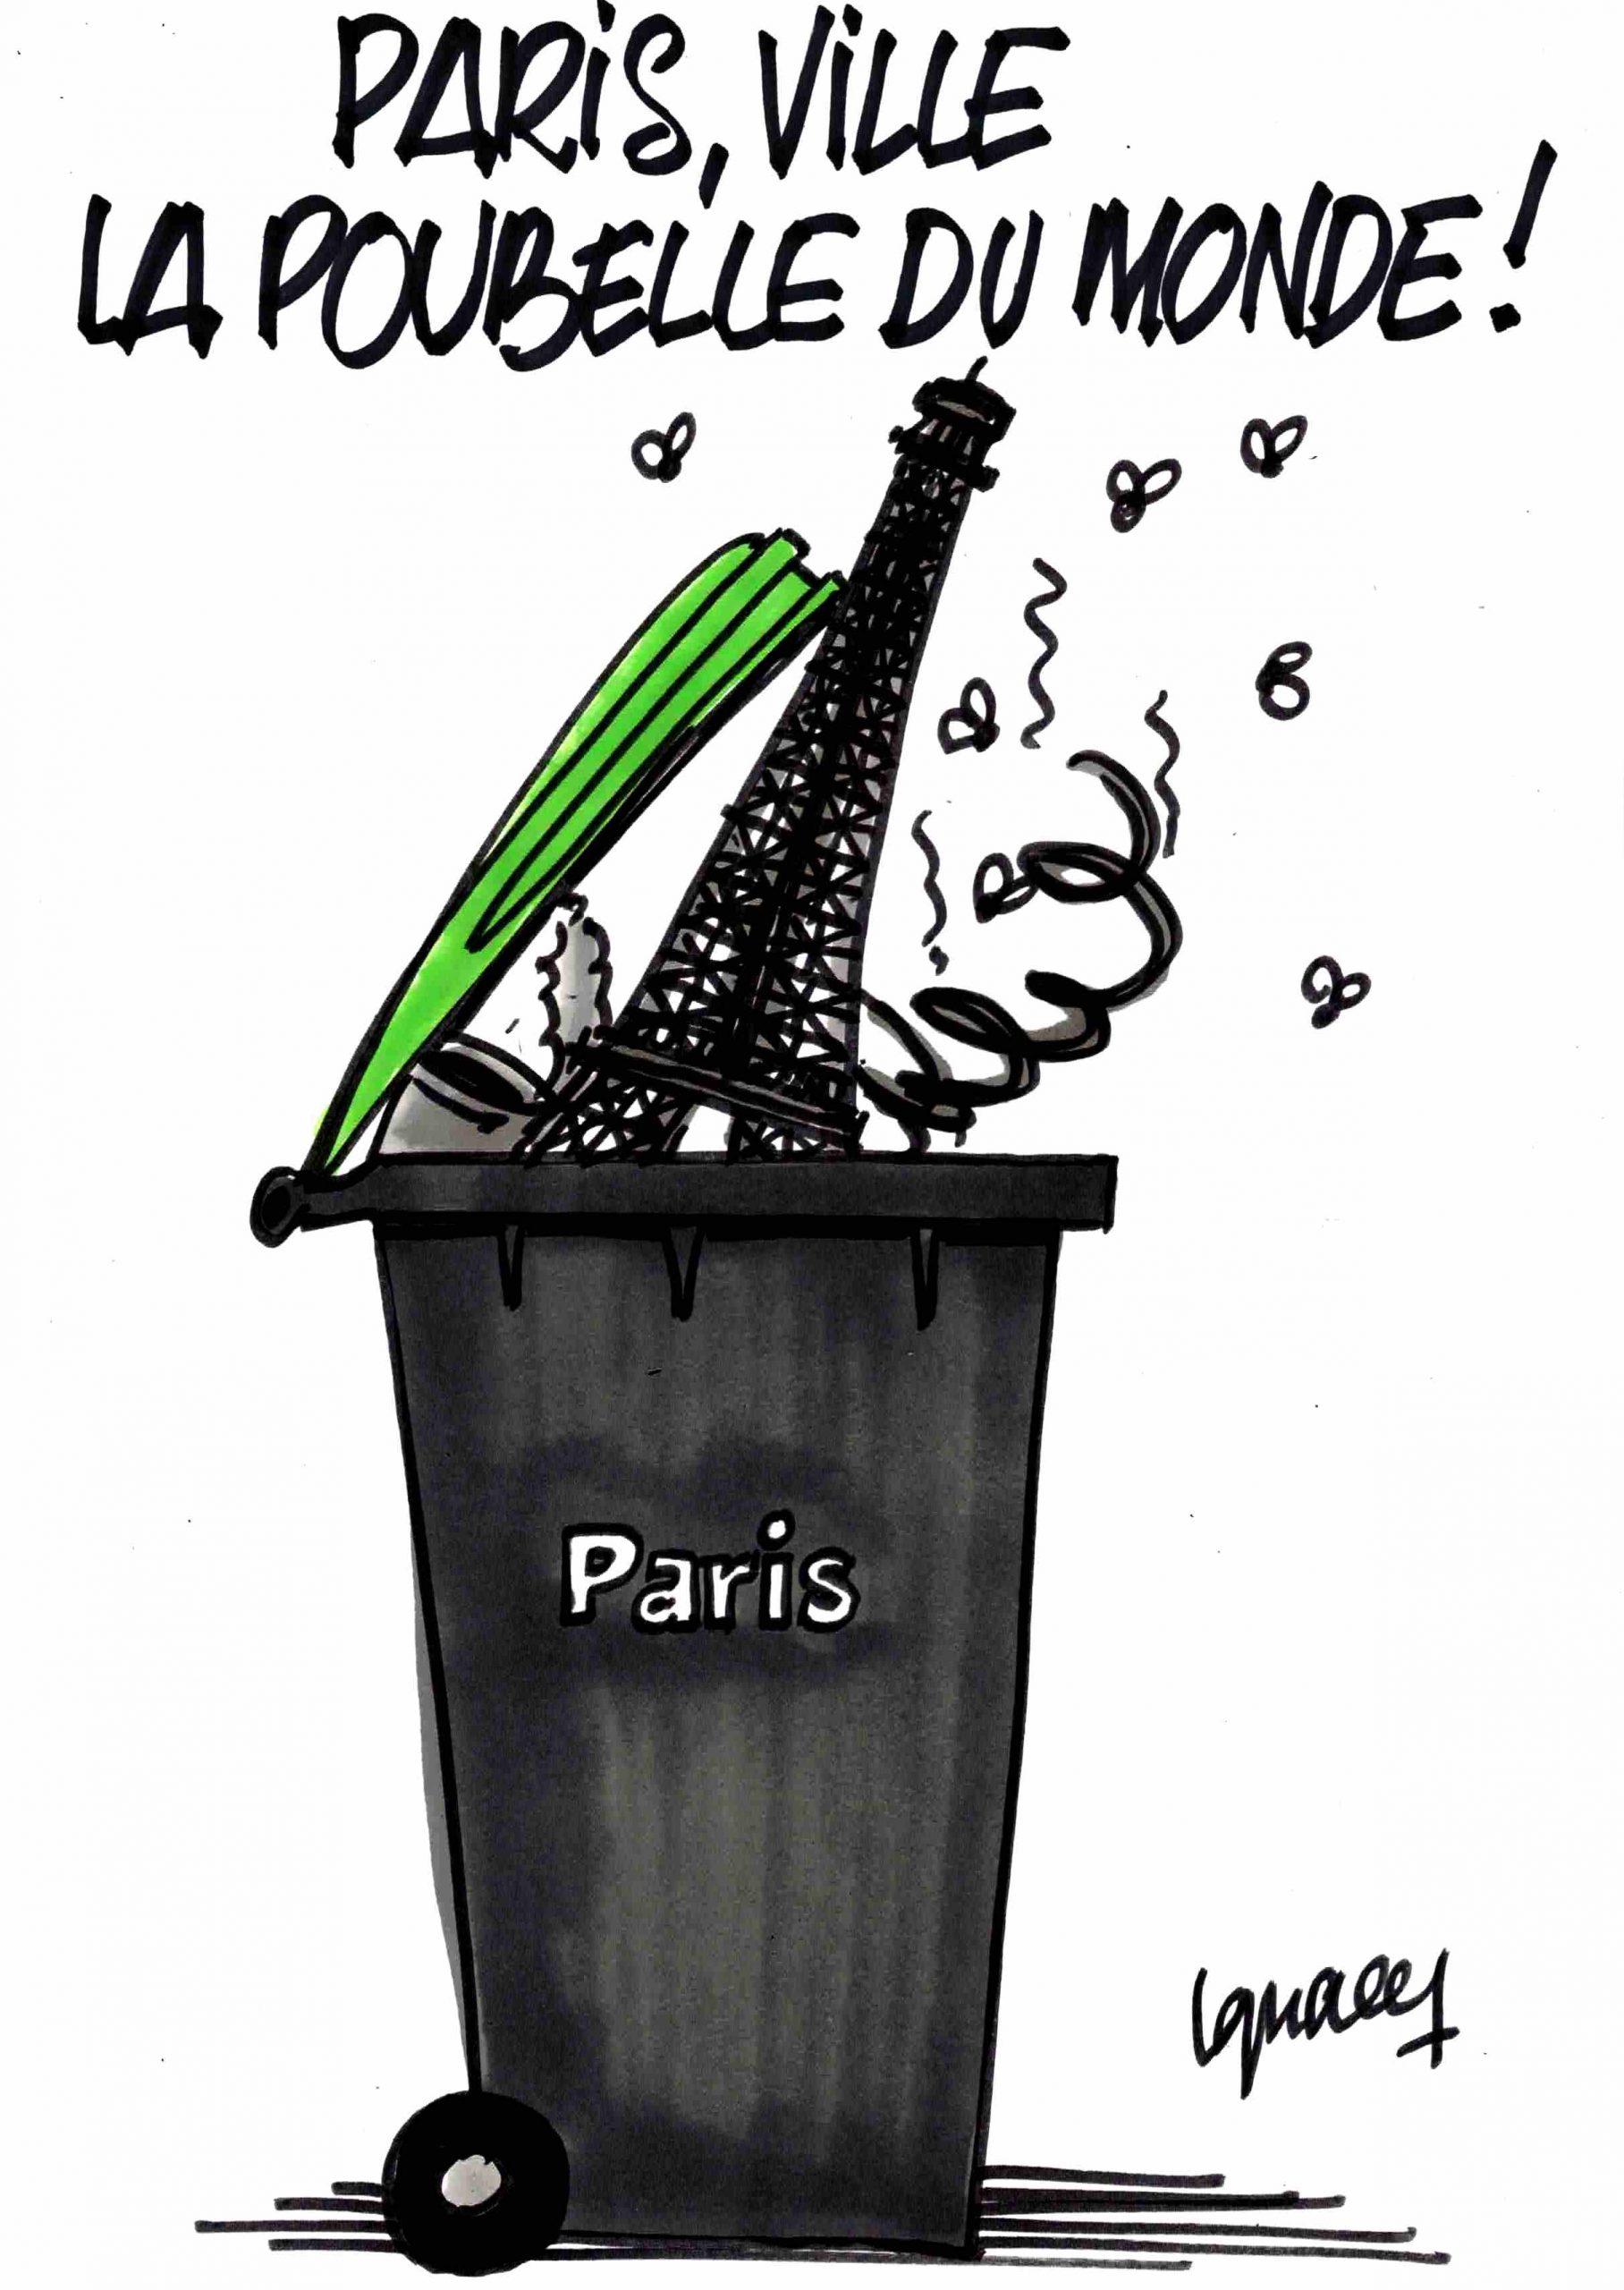 Ignace - Paris, ville la poubelle du monde !